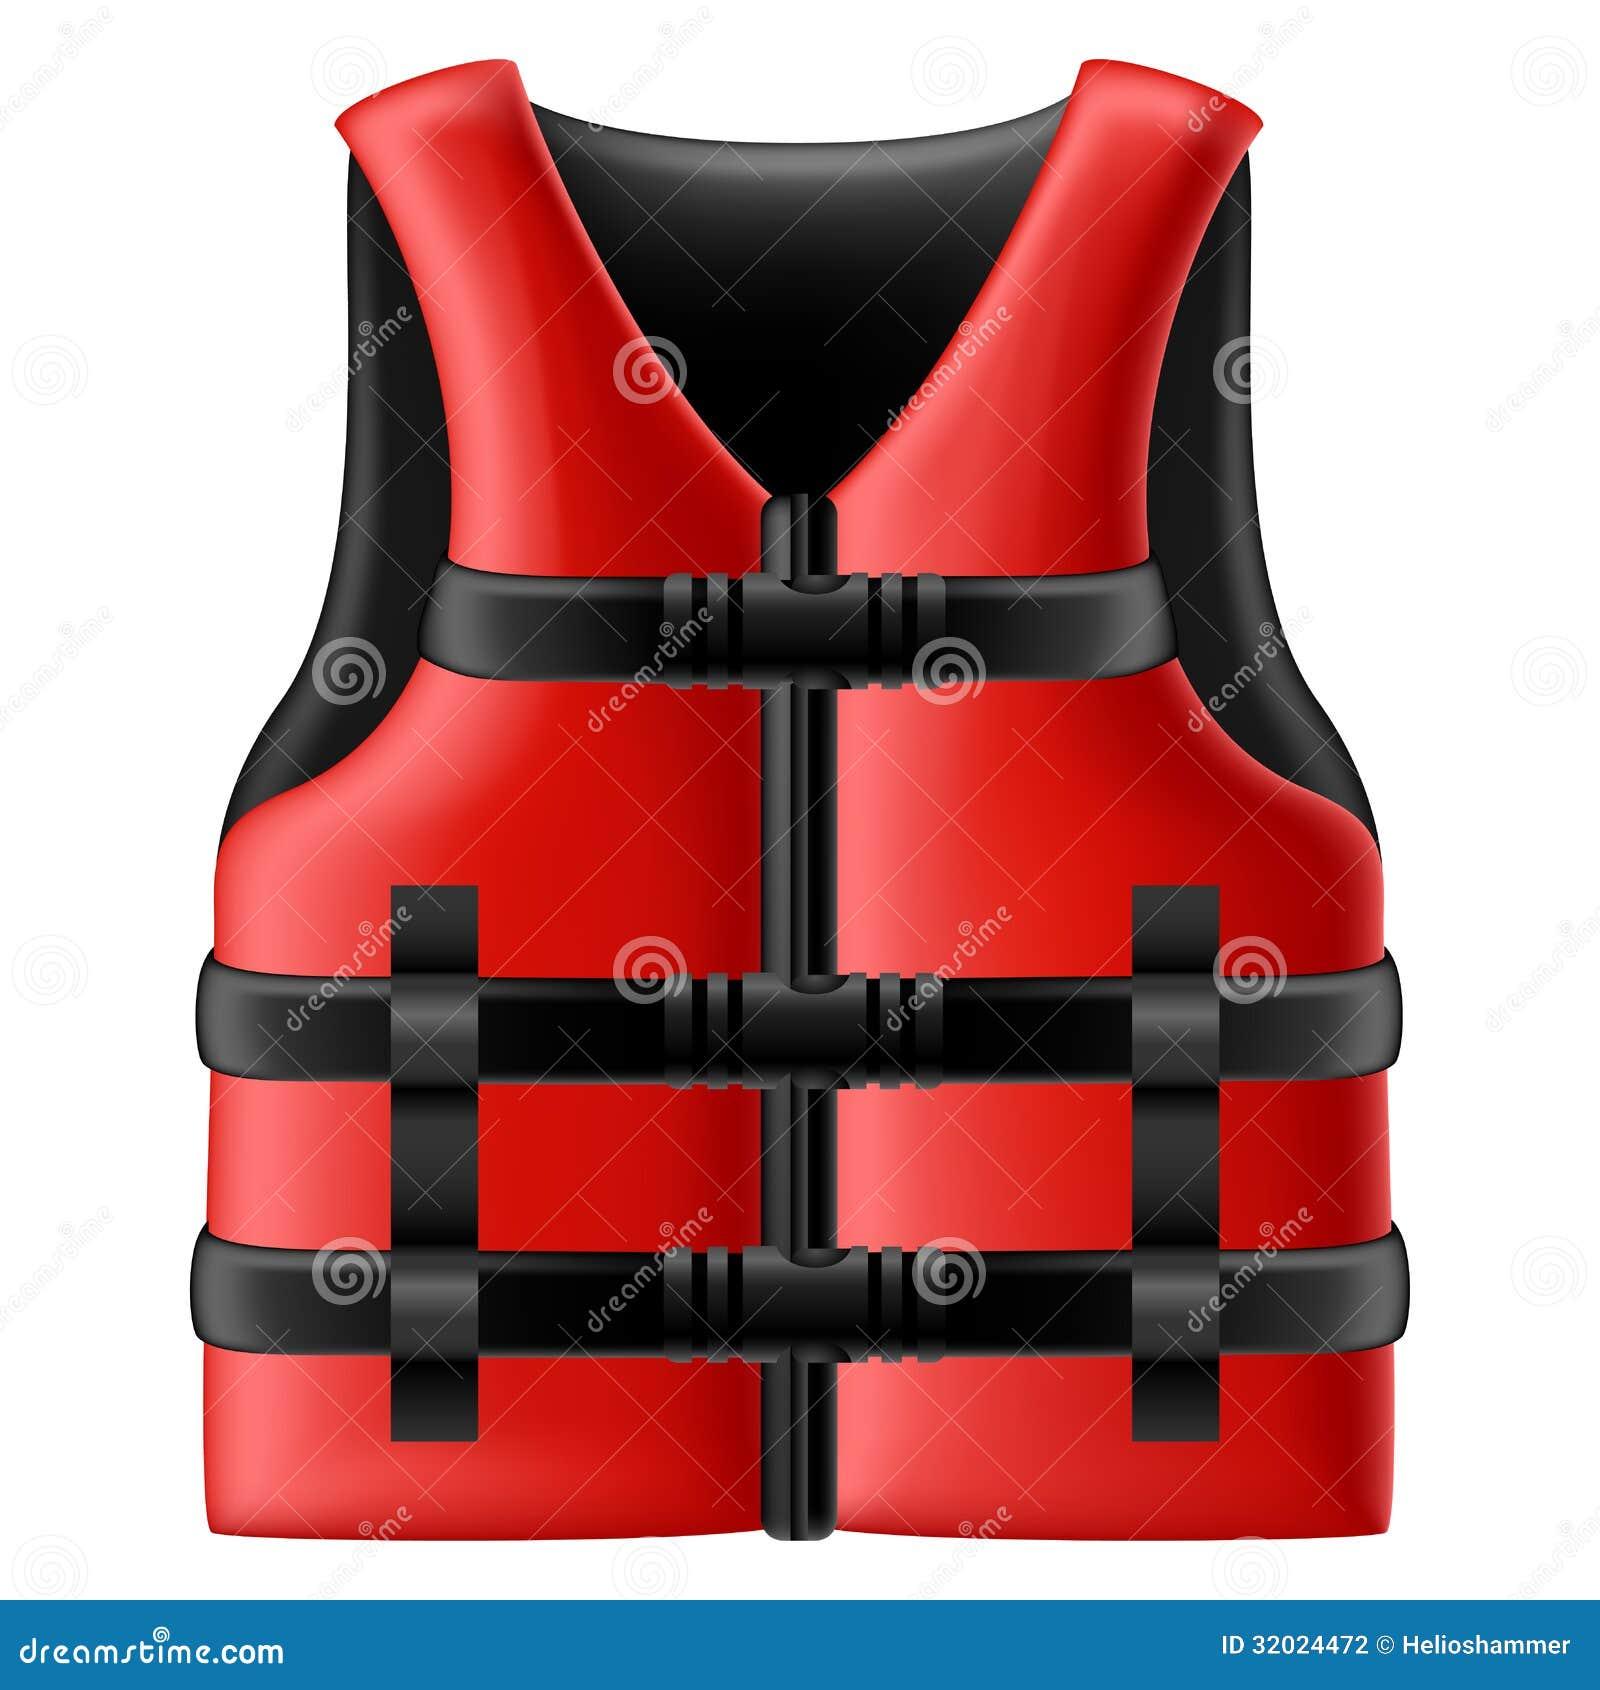 clipart life jacket - photo #50